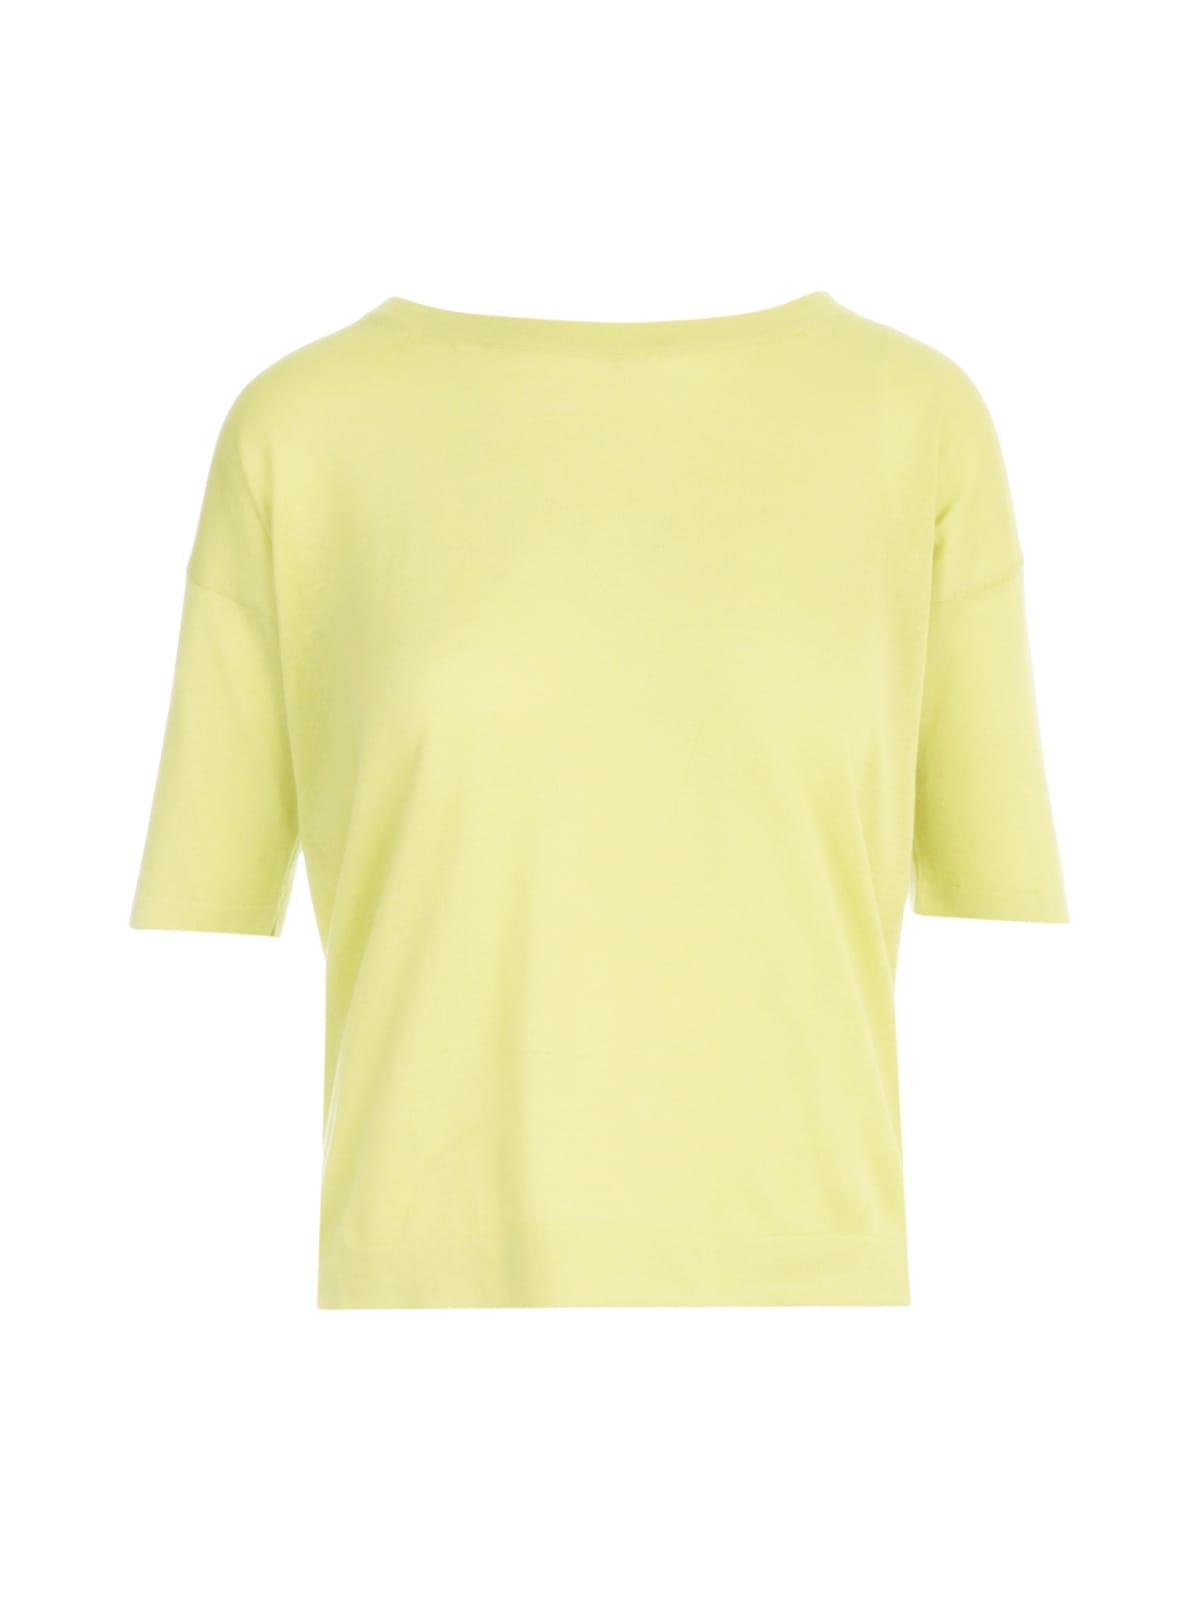 Cotton Crew Neck S/s T-shirt